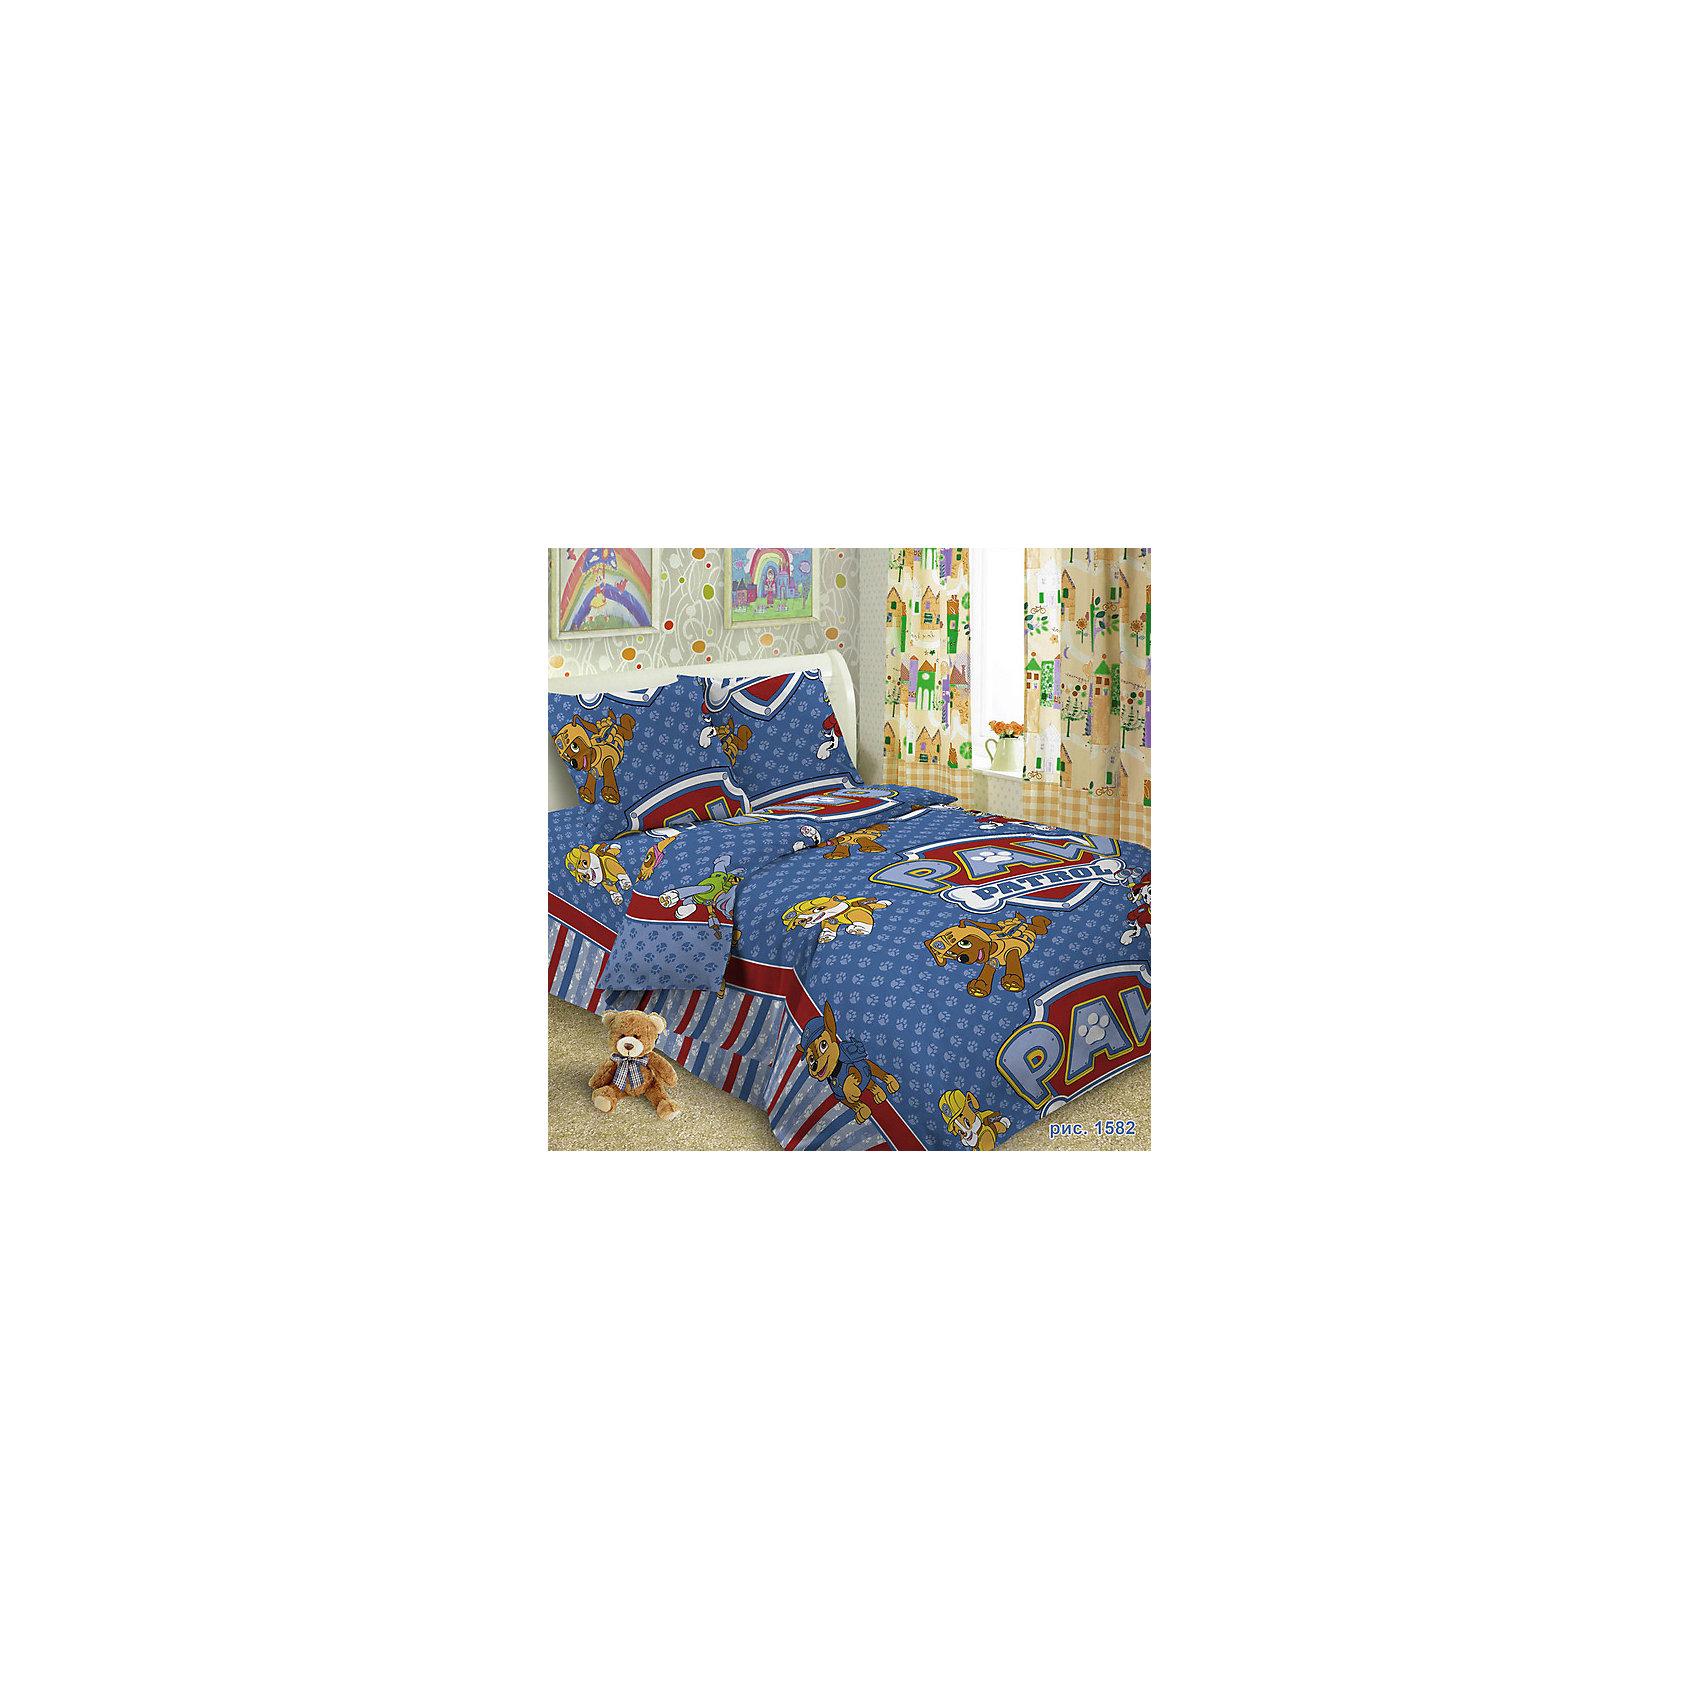 Постельное белье Догги, (50х70), Letto, голубойПостельное белье Догги, (50х70), Letto, голубой – это залог крепкого сна и хорошего самочувствия вашего ребенка.<br>Симпатичный комплект постельного белья «Догги», украшенный ярким анималистическим принтом, выполнен из плотного хлопка, полотняного плетения, группы перкаль, с использованием современных устойчивых, гипоаллергенных красителей. Такое белье прослужит долго и выдержит много стирок. Удобный пододеяльник на молнии сделает смену постельного белья быстрой и несложной. Рекомендуется перед первым использованием постирать, но не пересушивать. Применение кондиционера при стирке сделает постельное белье мягче и комфортней.<br><br>Дополнительная информация:<br><br>- 1,5 спальное<br>- В комплекте: пододеяльник 147х210см, простыня 150х210 см, наволочка  1 шт. 50х70 см.<br>- Материал: перкаль (100% хлопок)<br>- Пододеяльник на молнии<br>- Обращаем внимание, что расцветка наволочек может отличаться от представленной на фото<br><br>Постельное белье Догги, (50х70), Letto, голубое можно купить в нашем интернет-магазине.<br><br>Ширина мм: 390<br>Глубина мм: 280<br>Высота мм: 40<br>Вес г: 1200<br>Возраст от месяцев: 36<br>Возраст до месяцев: 144<br>Пол: Унисекс<br>Возраст: Детский<br>SKU: 4947792